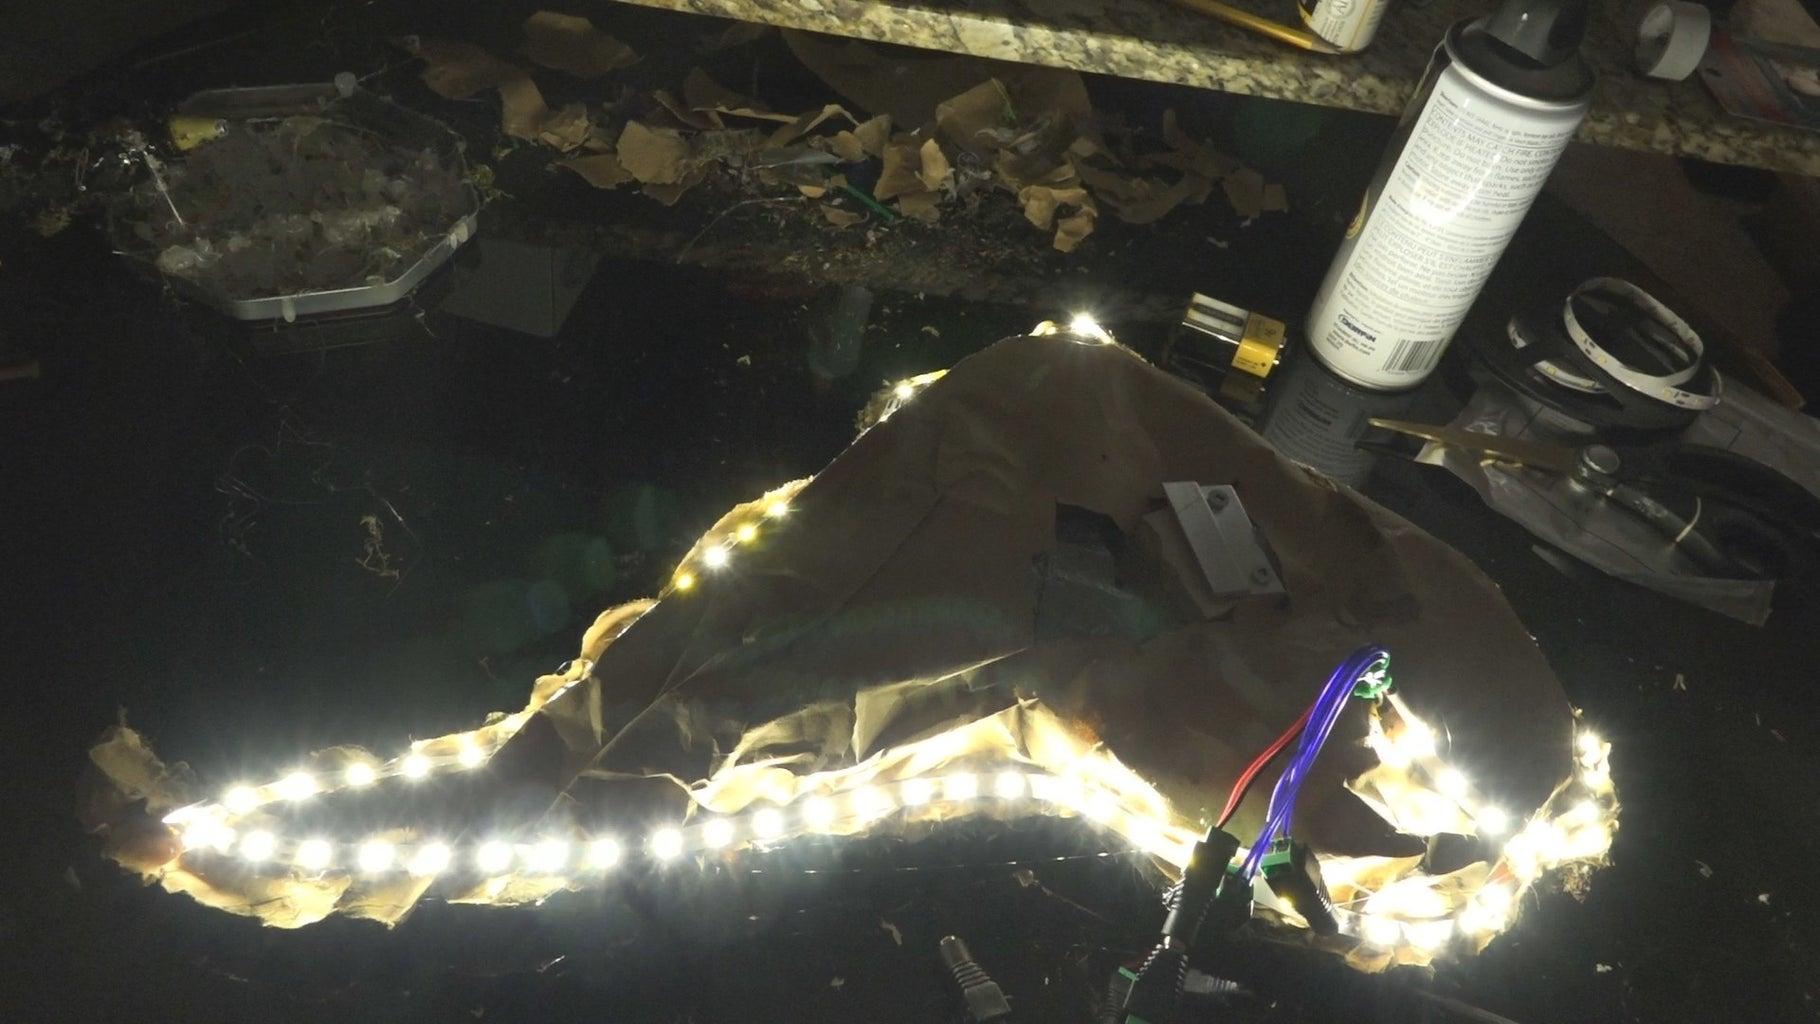 Adding the 12v LED String Backlighting